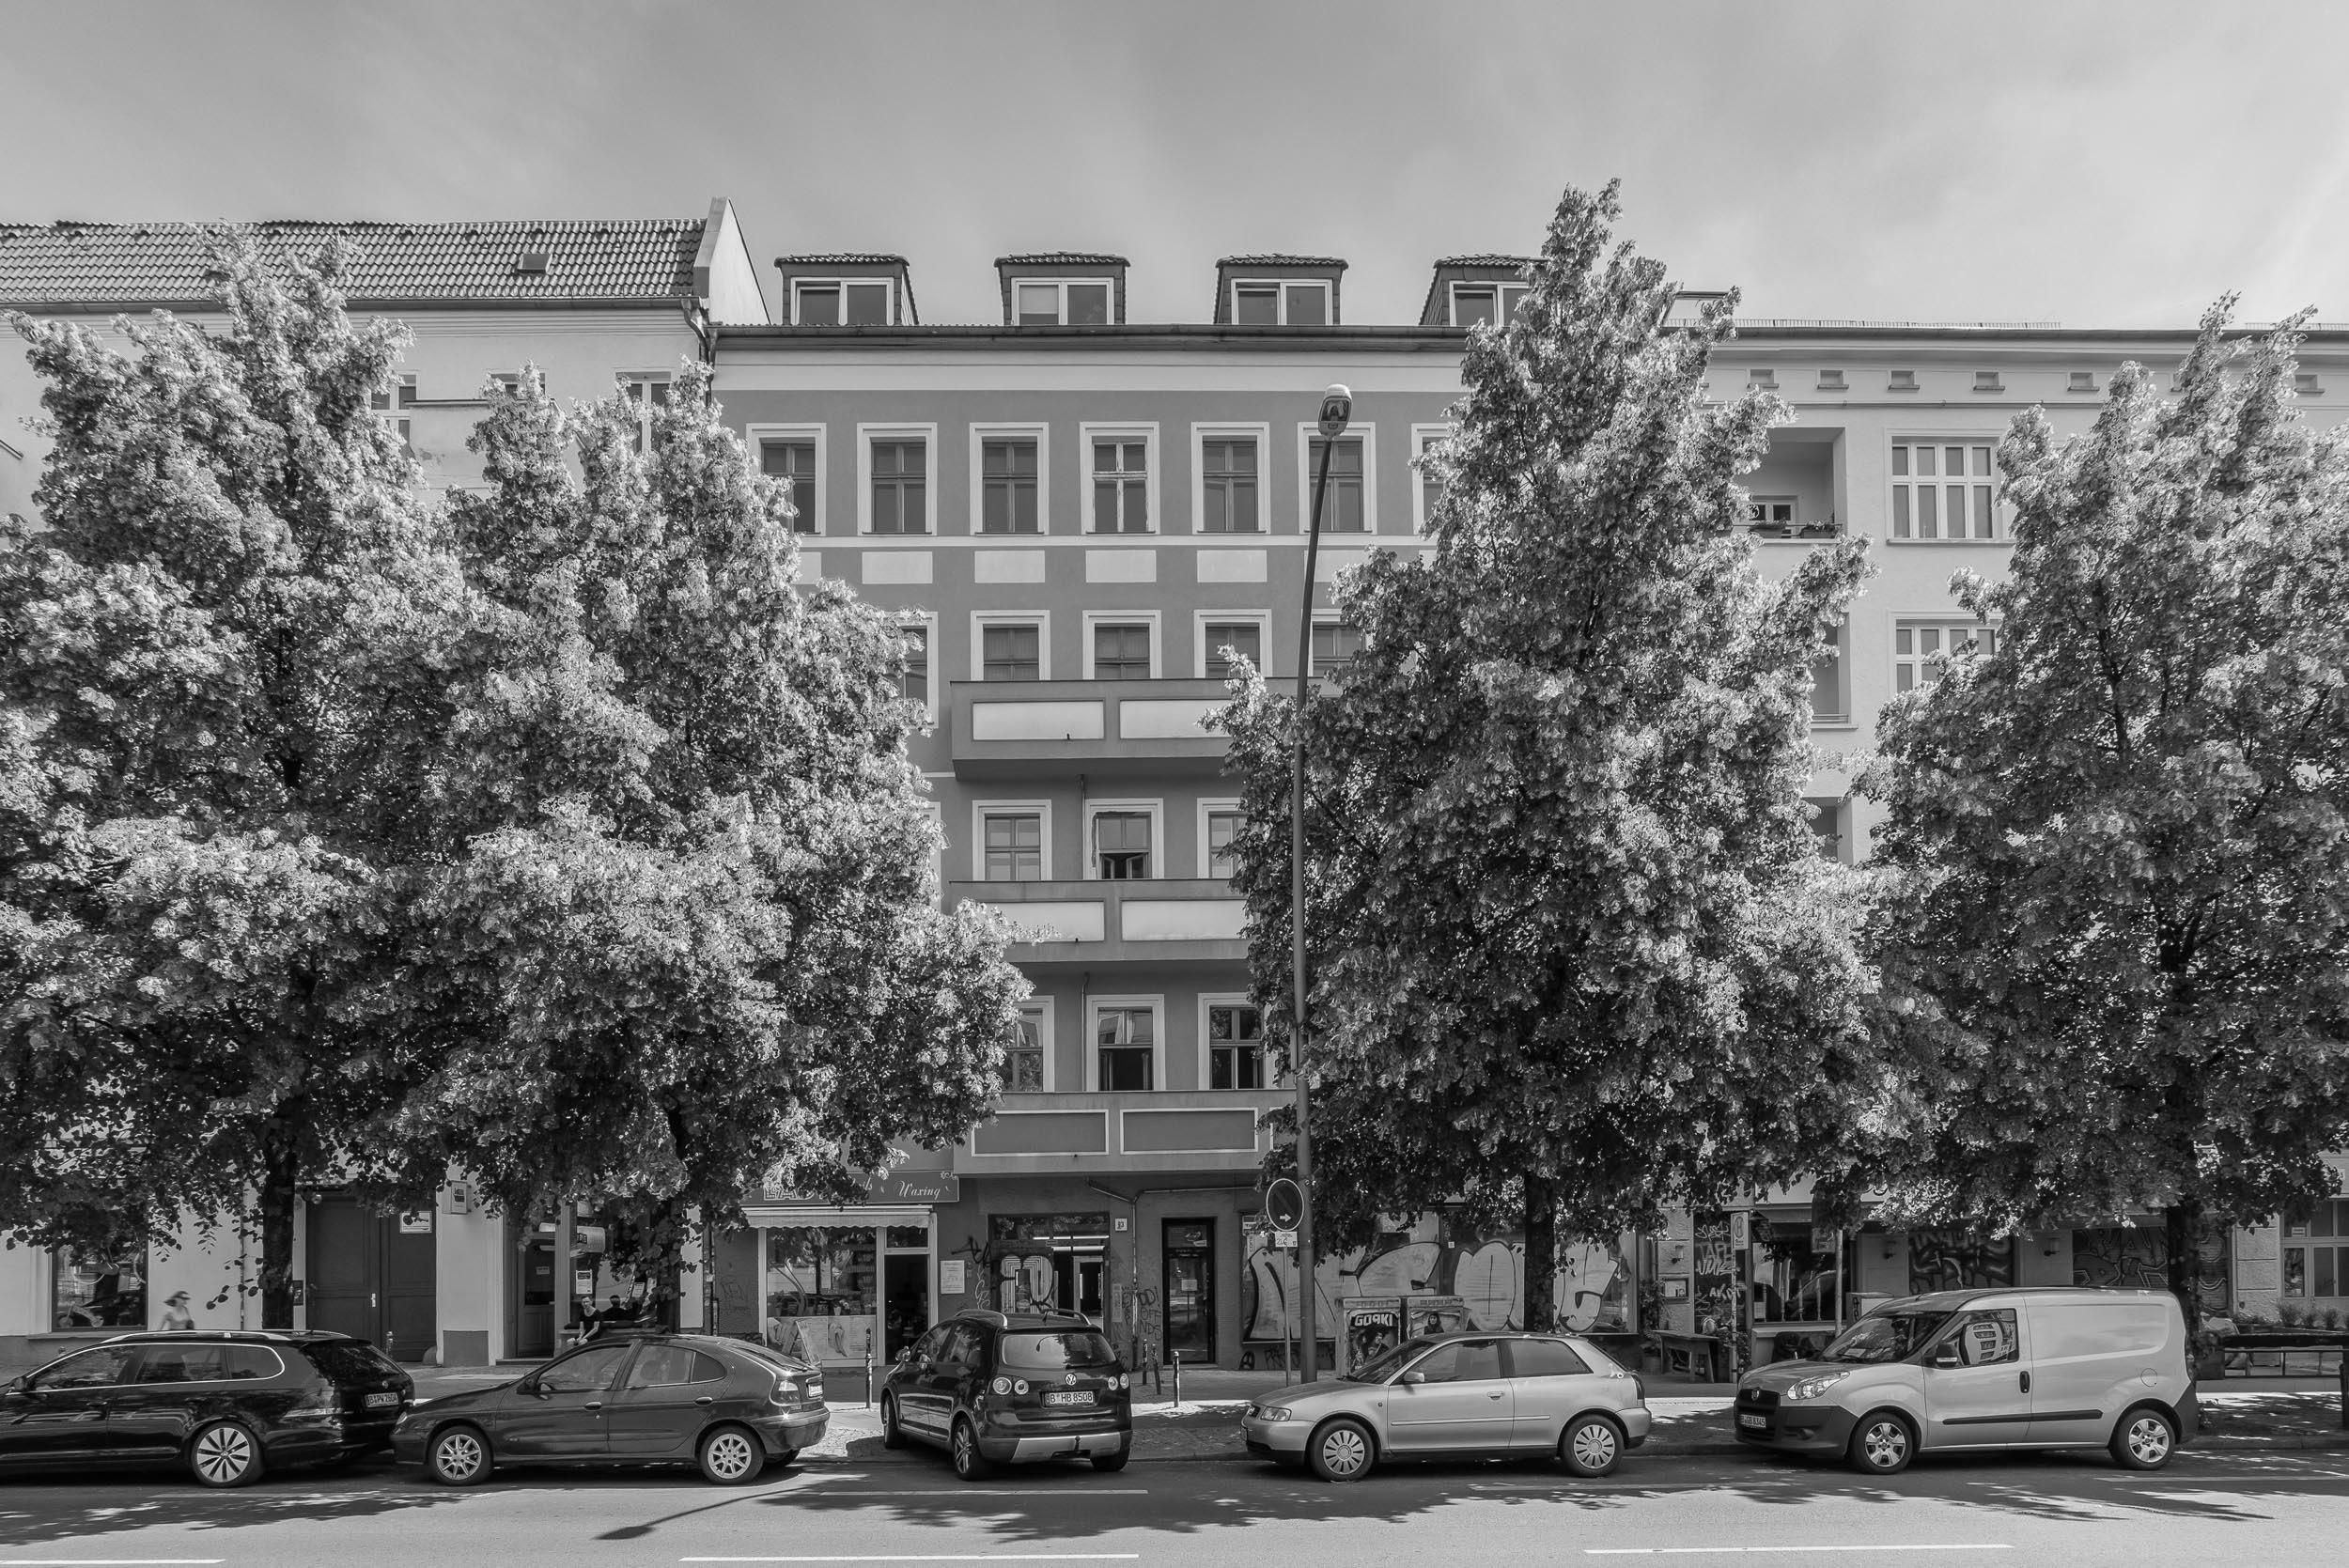 Friedrichshain img4